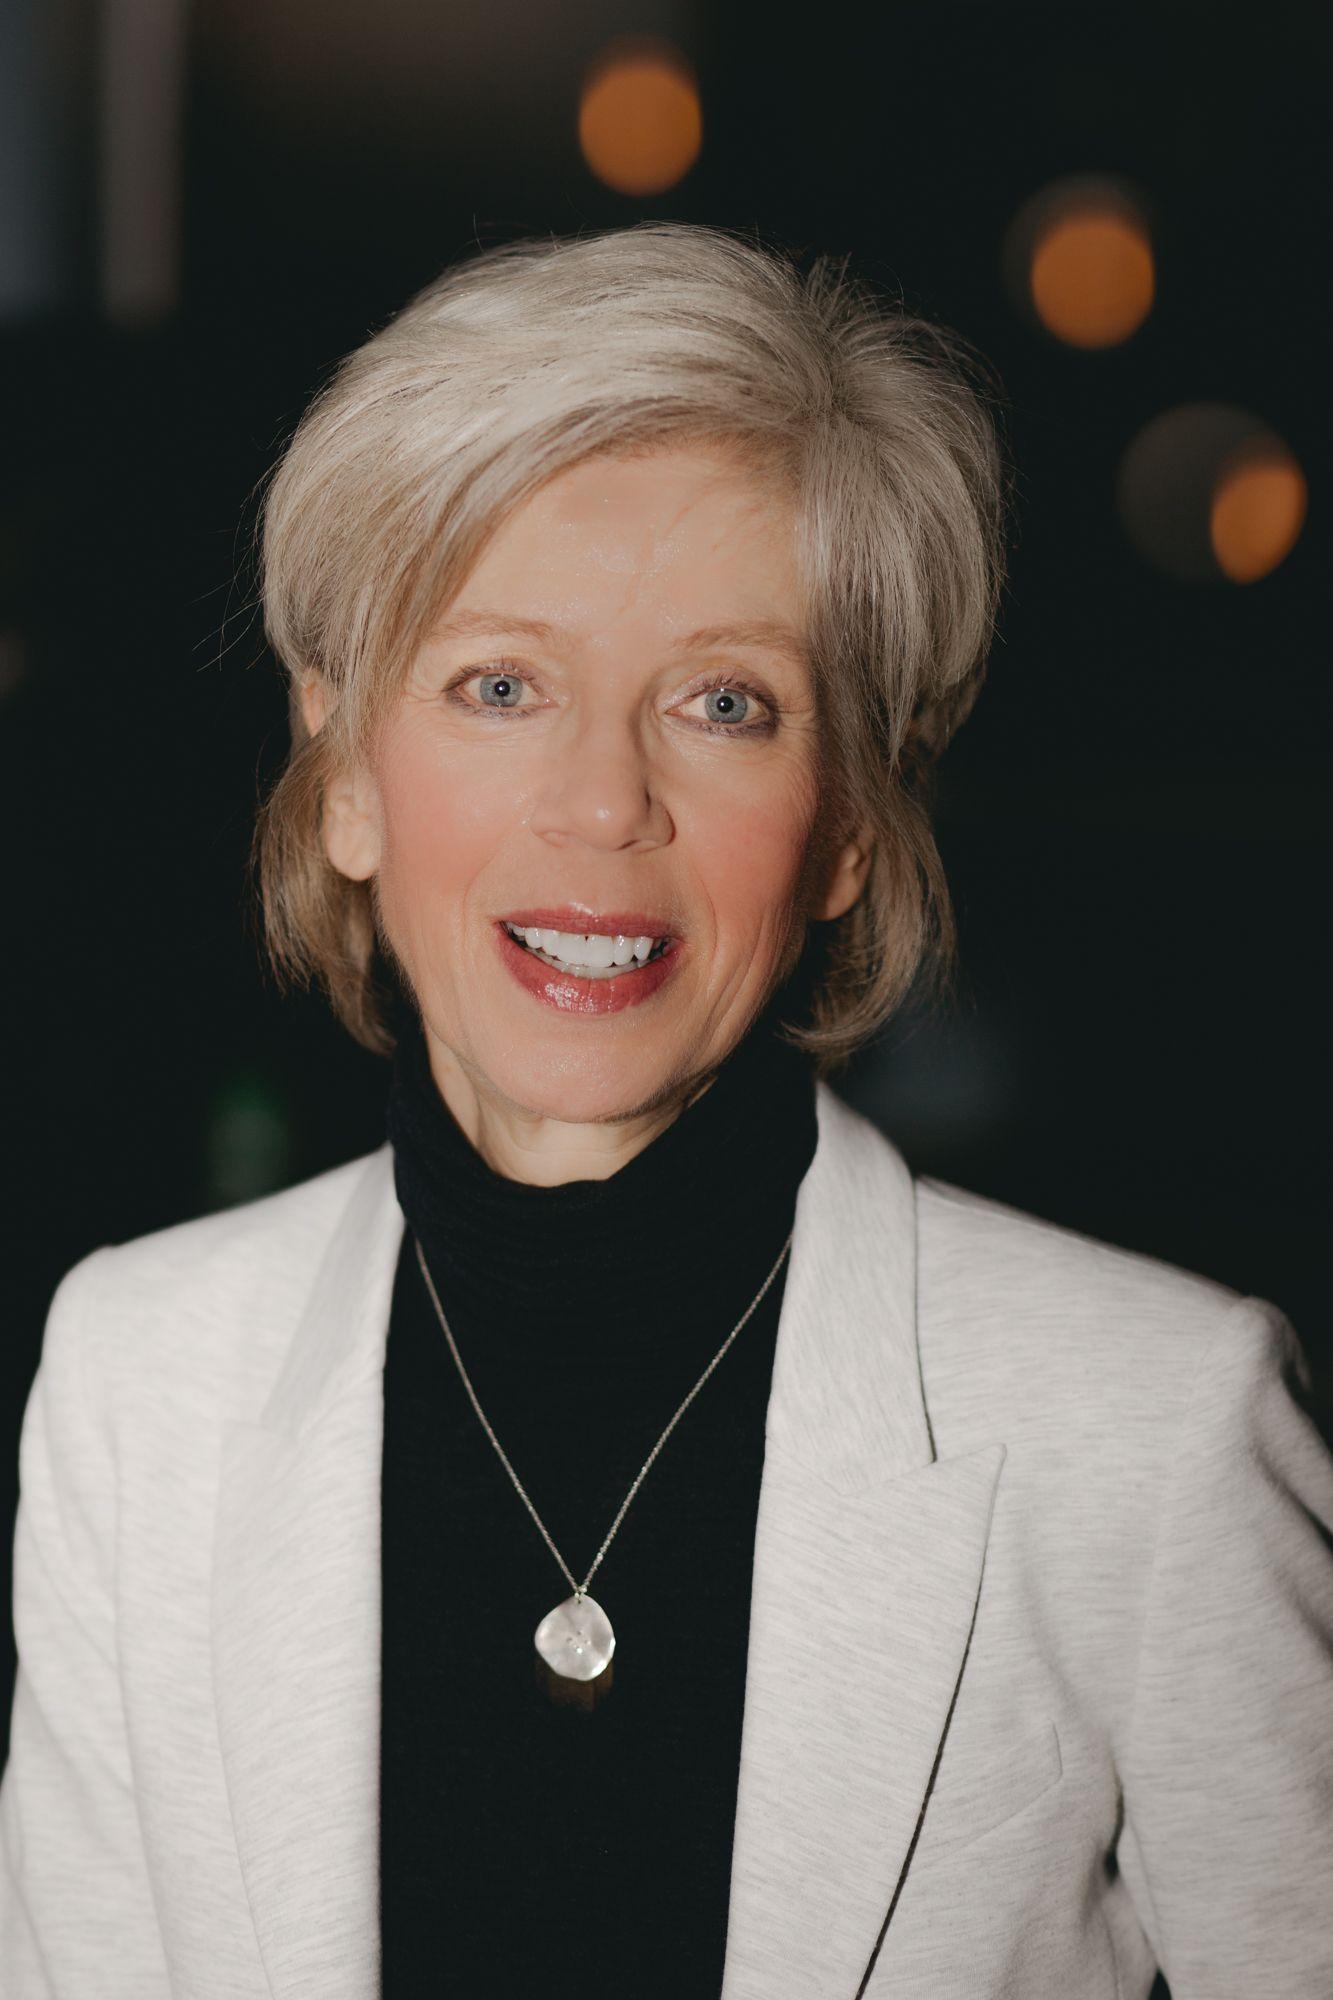 Deborah Harri